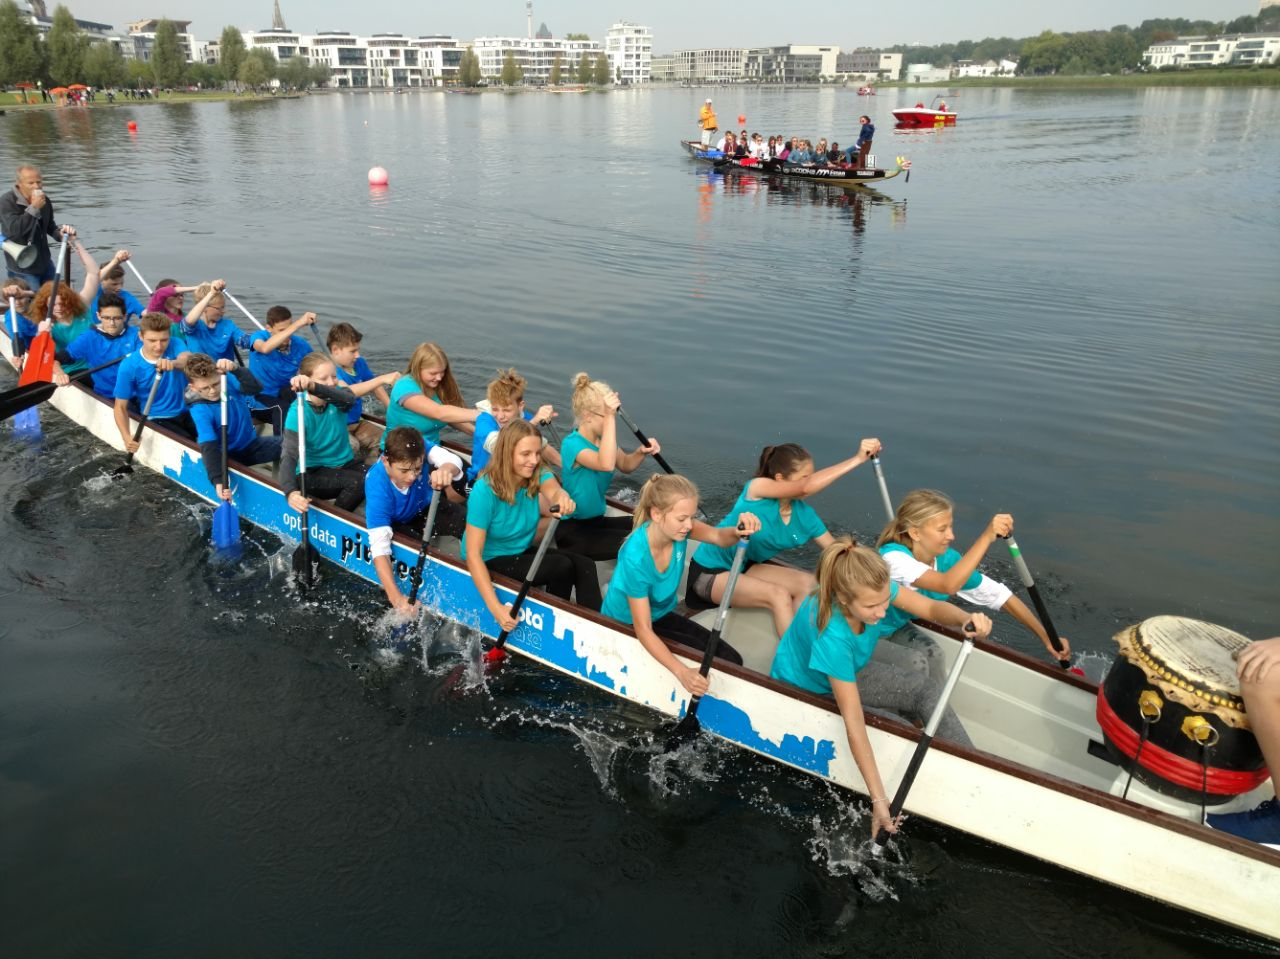 Drachenboot-Festival: Gute Stimmung trotz schlechtem Wetter